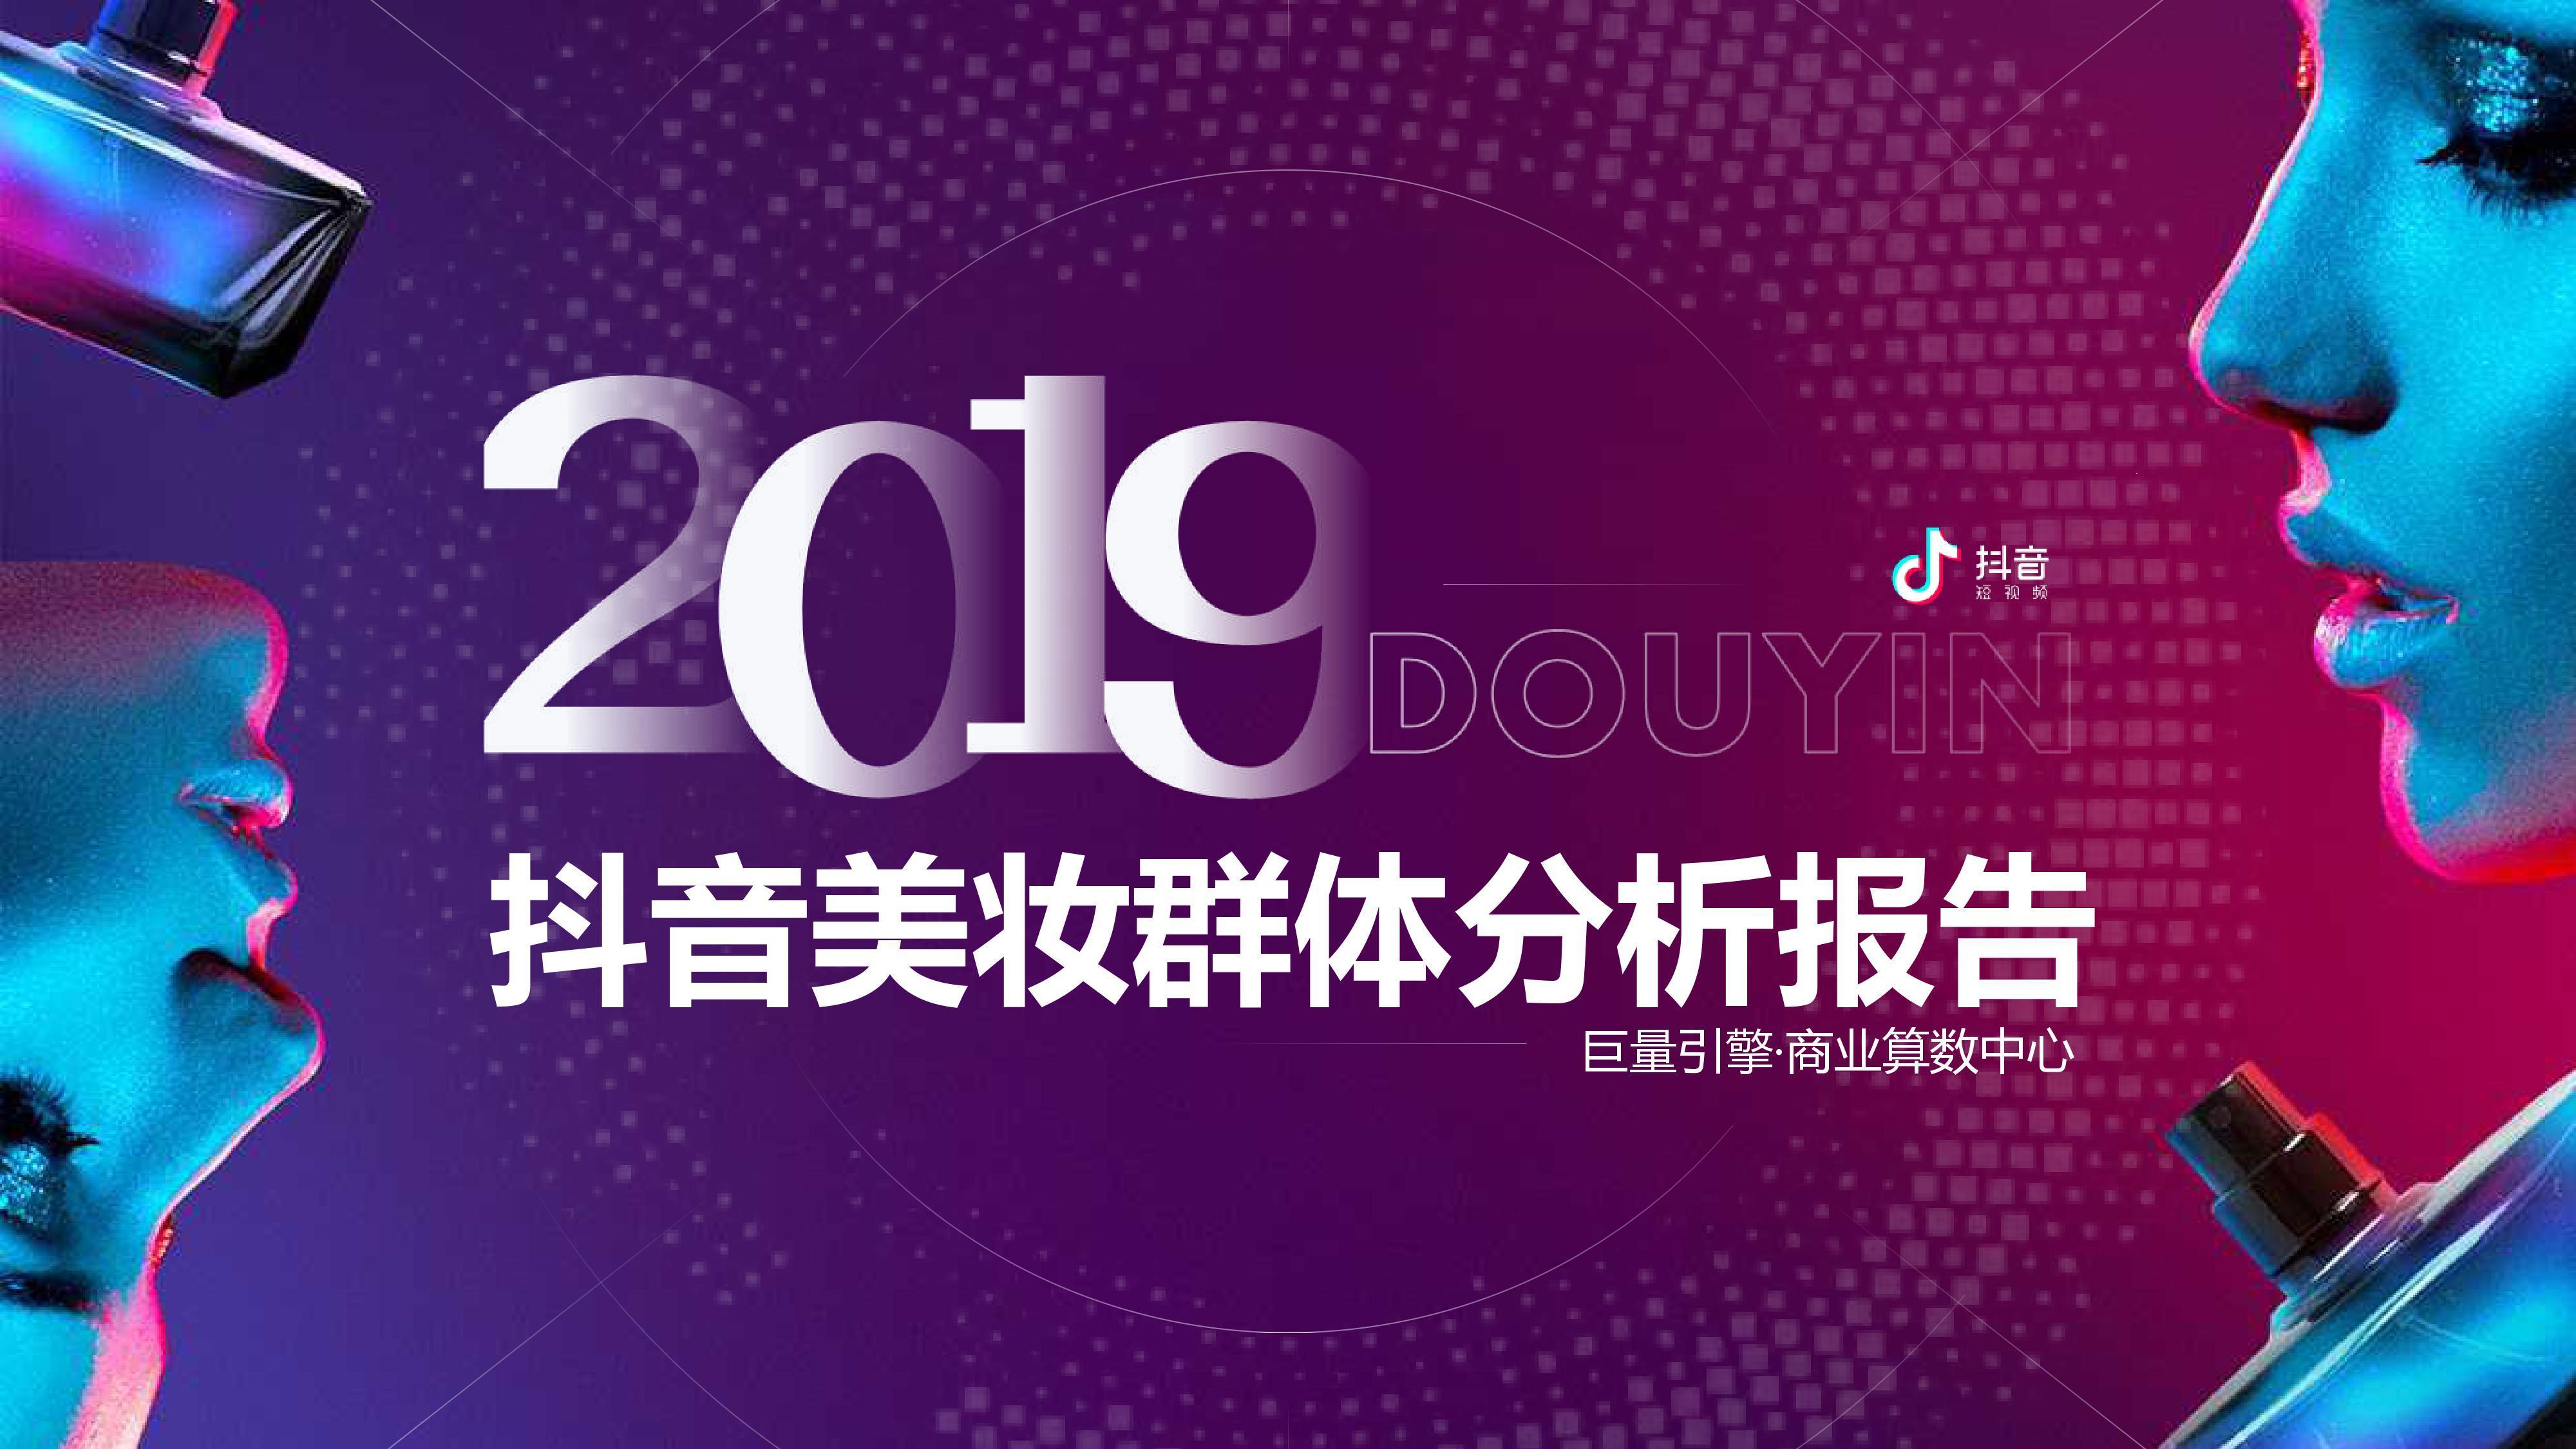 2019抖音美妆群体分析报告(内附完整下载)